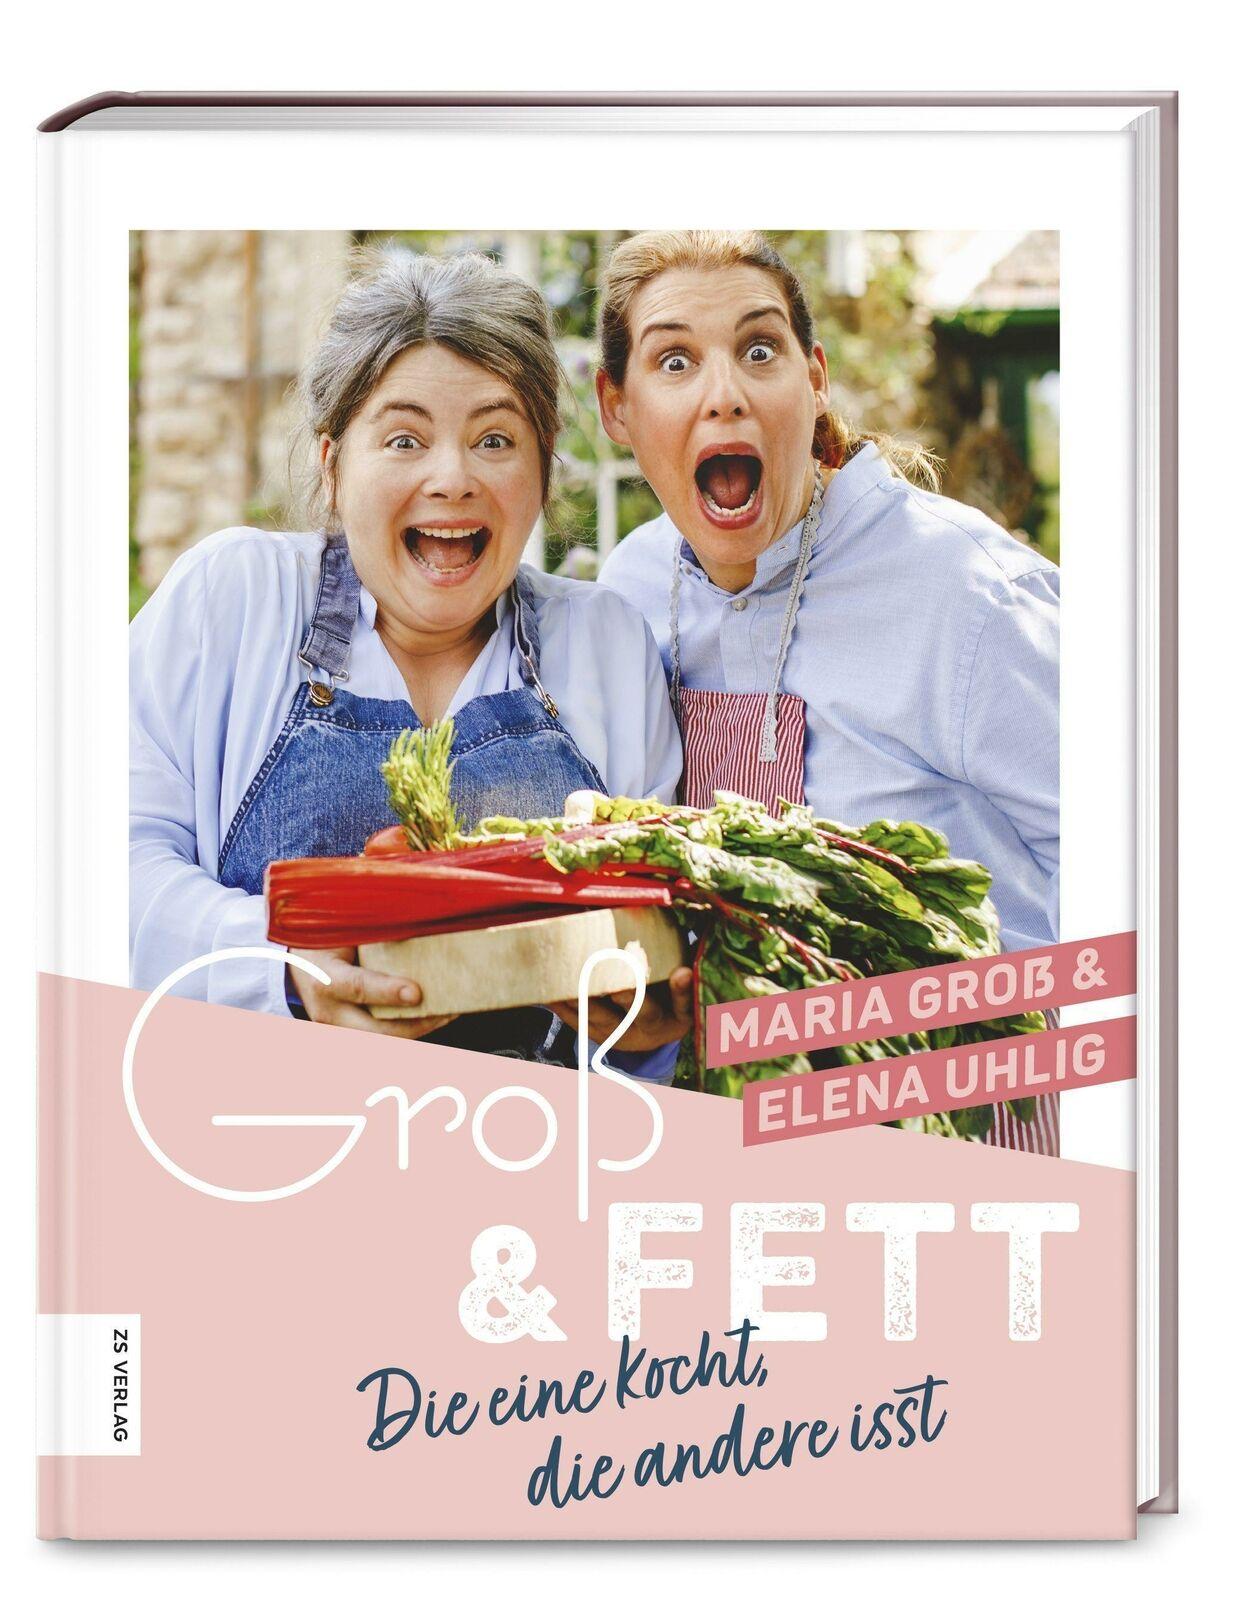 Groß & Fett, Maria Groß